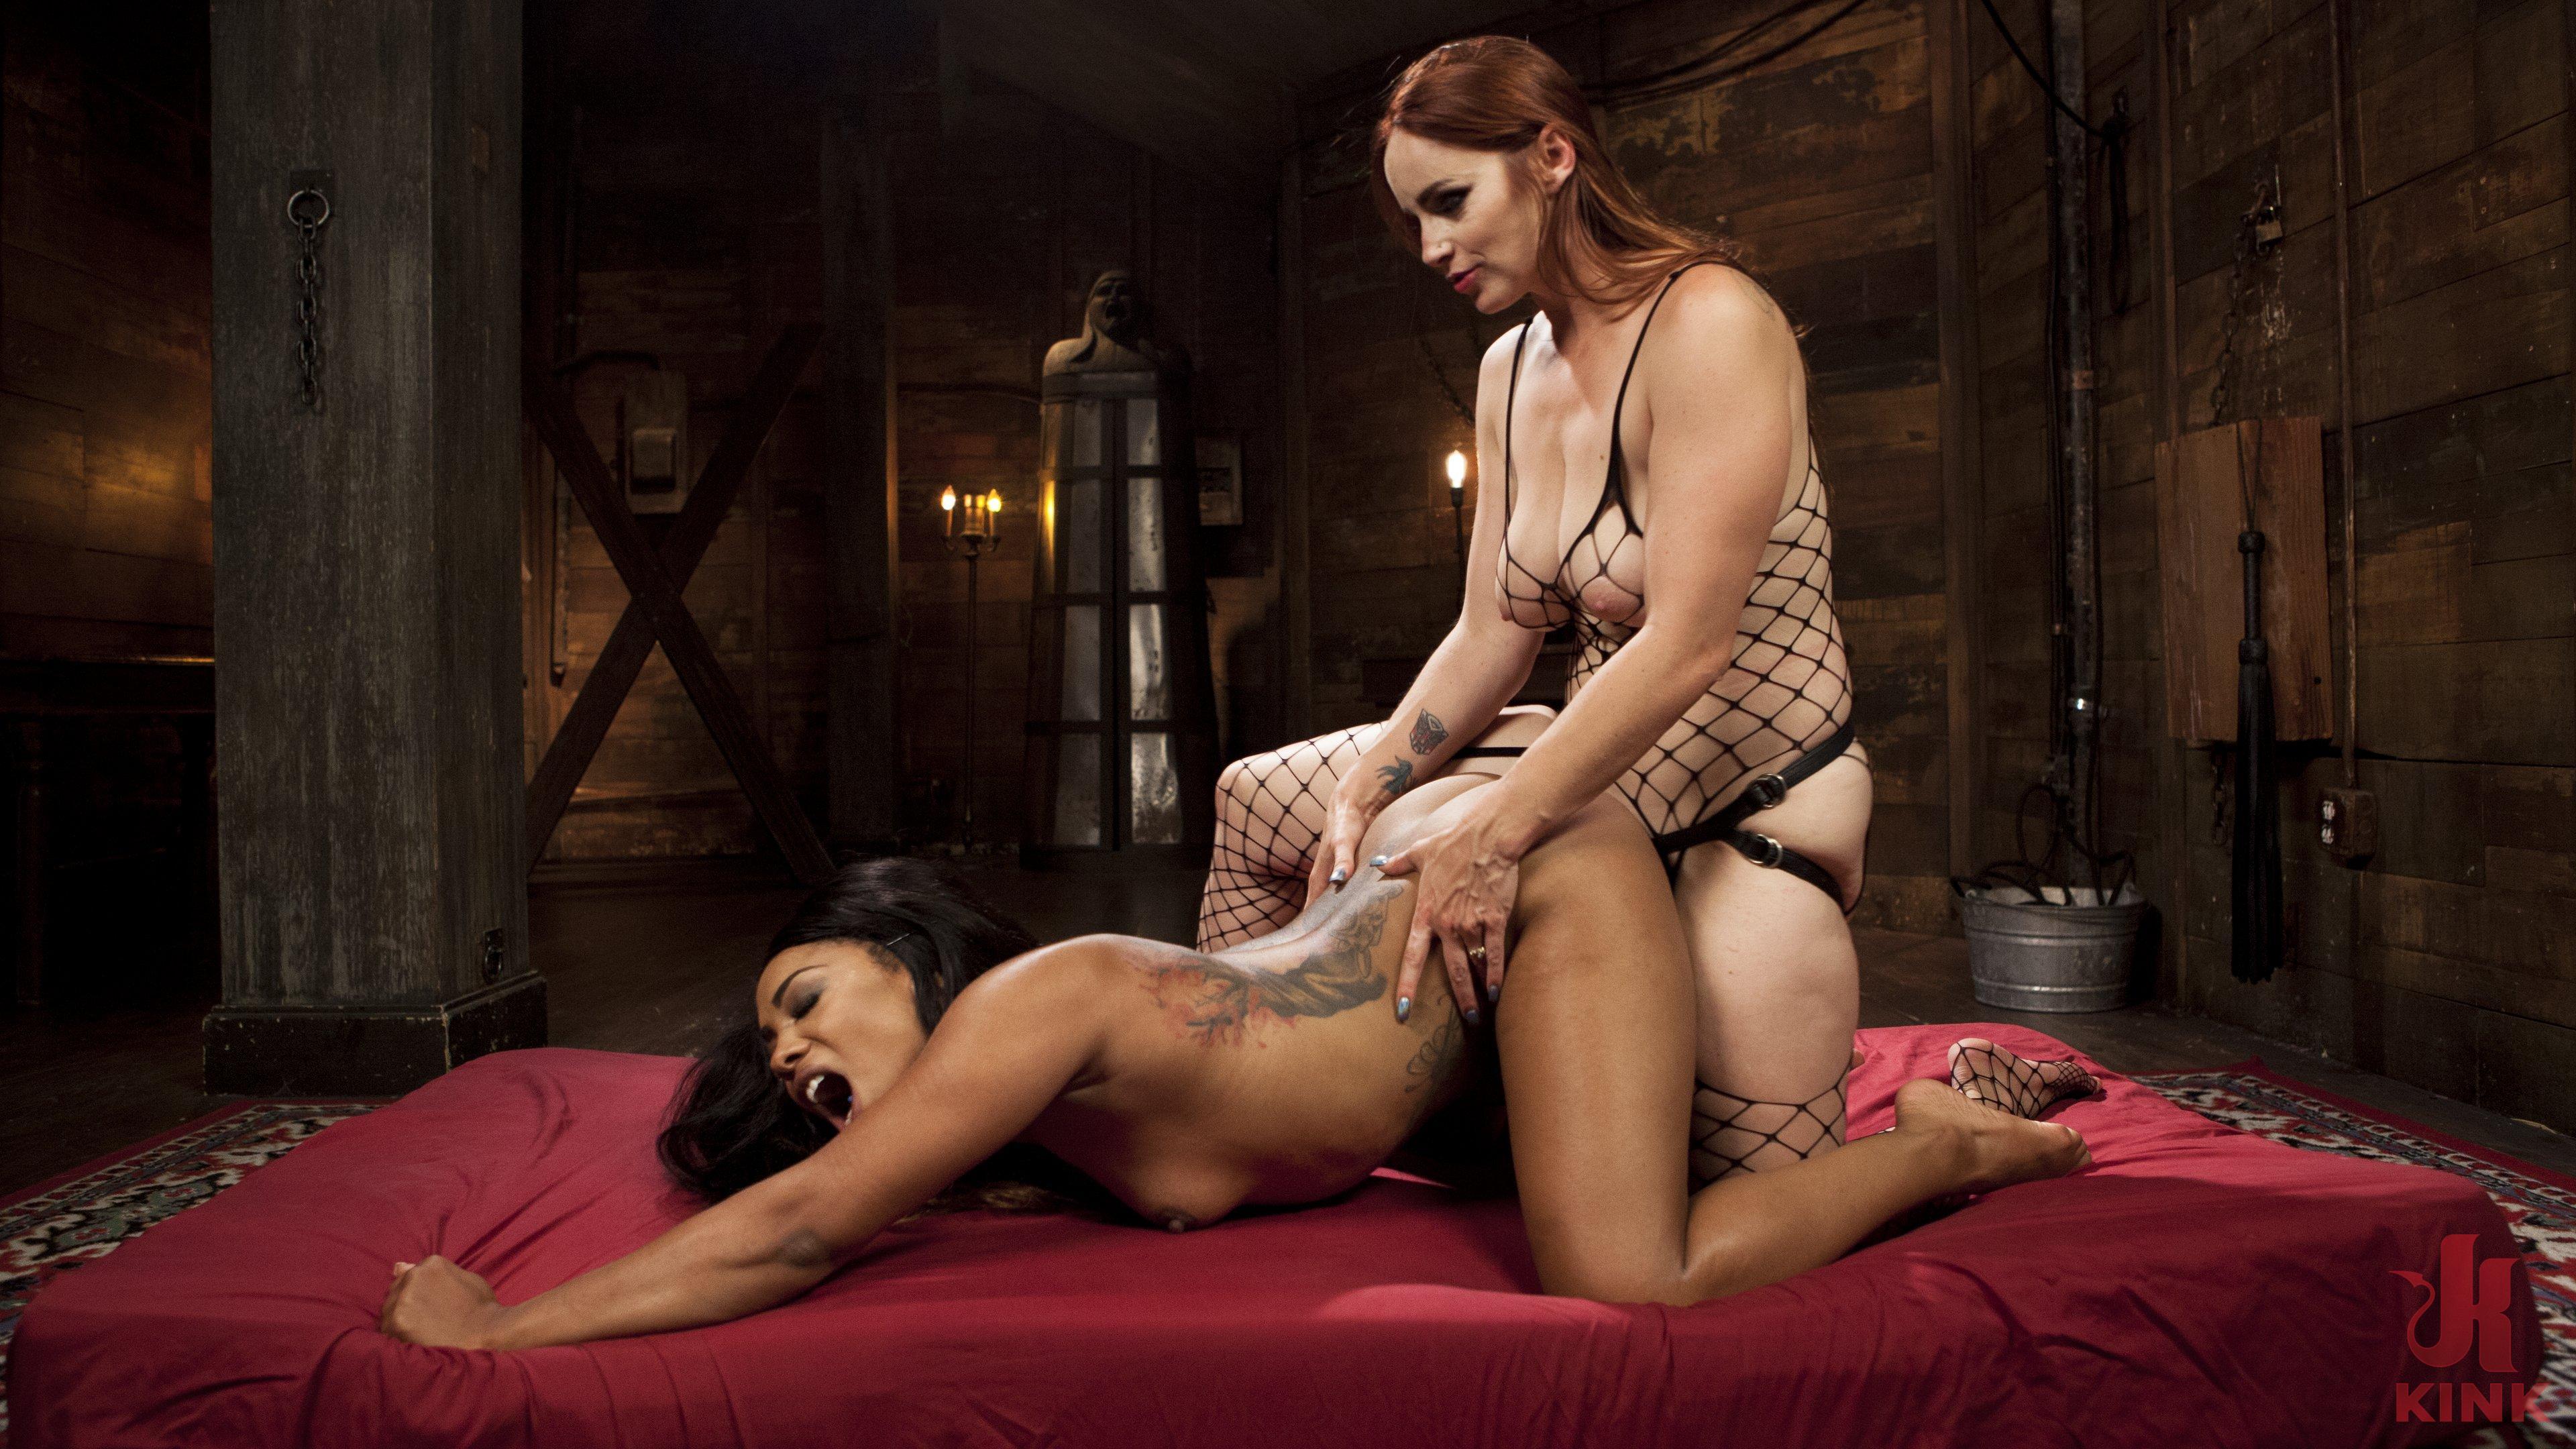 Maitresse lesbienne baise jusqu'a l'os sa soumise ligotée nue